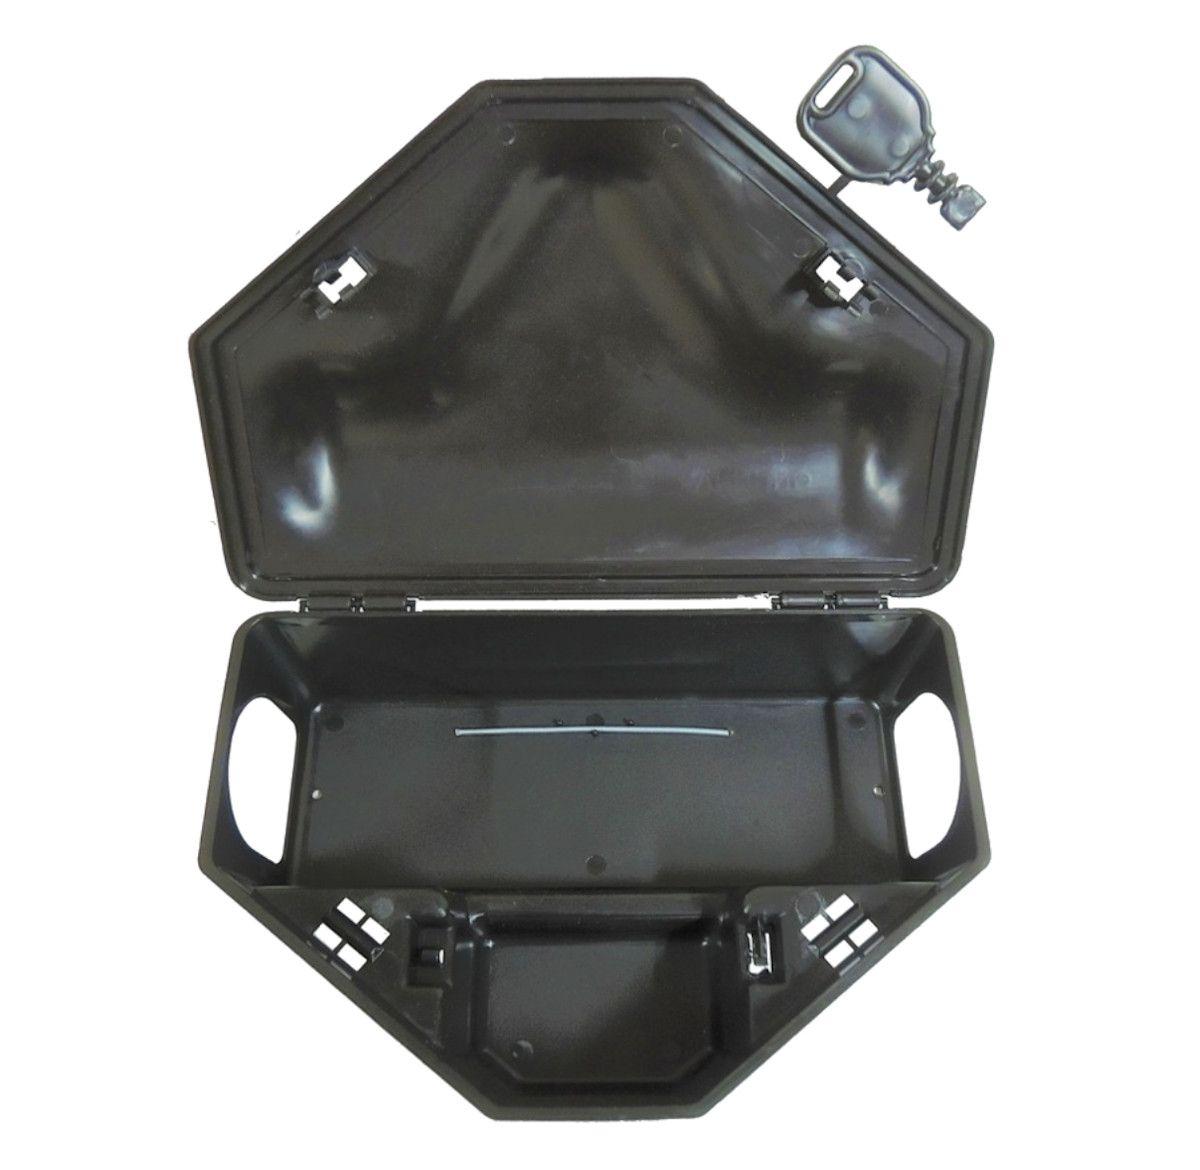 Kit 100 Porta Isca Reforçado Com 2 Chaves